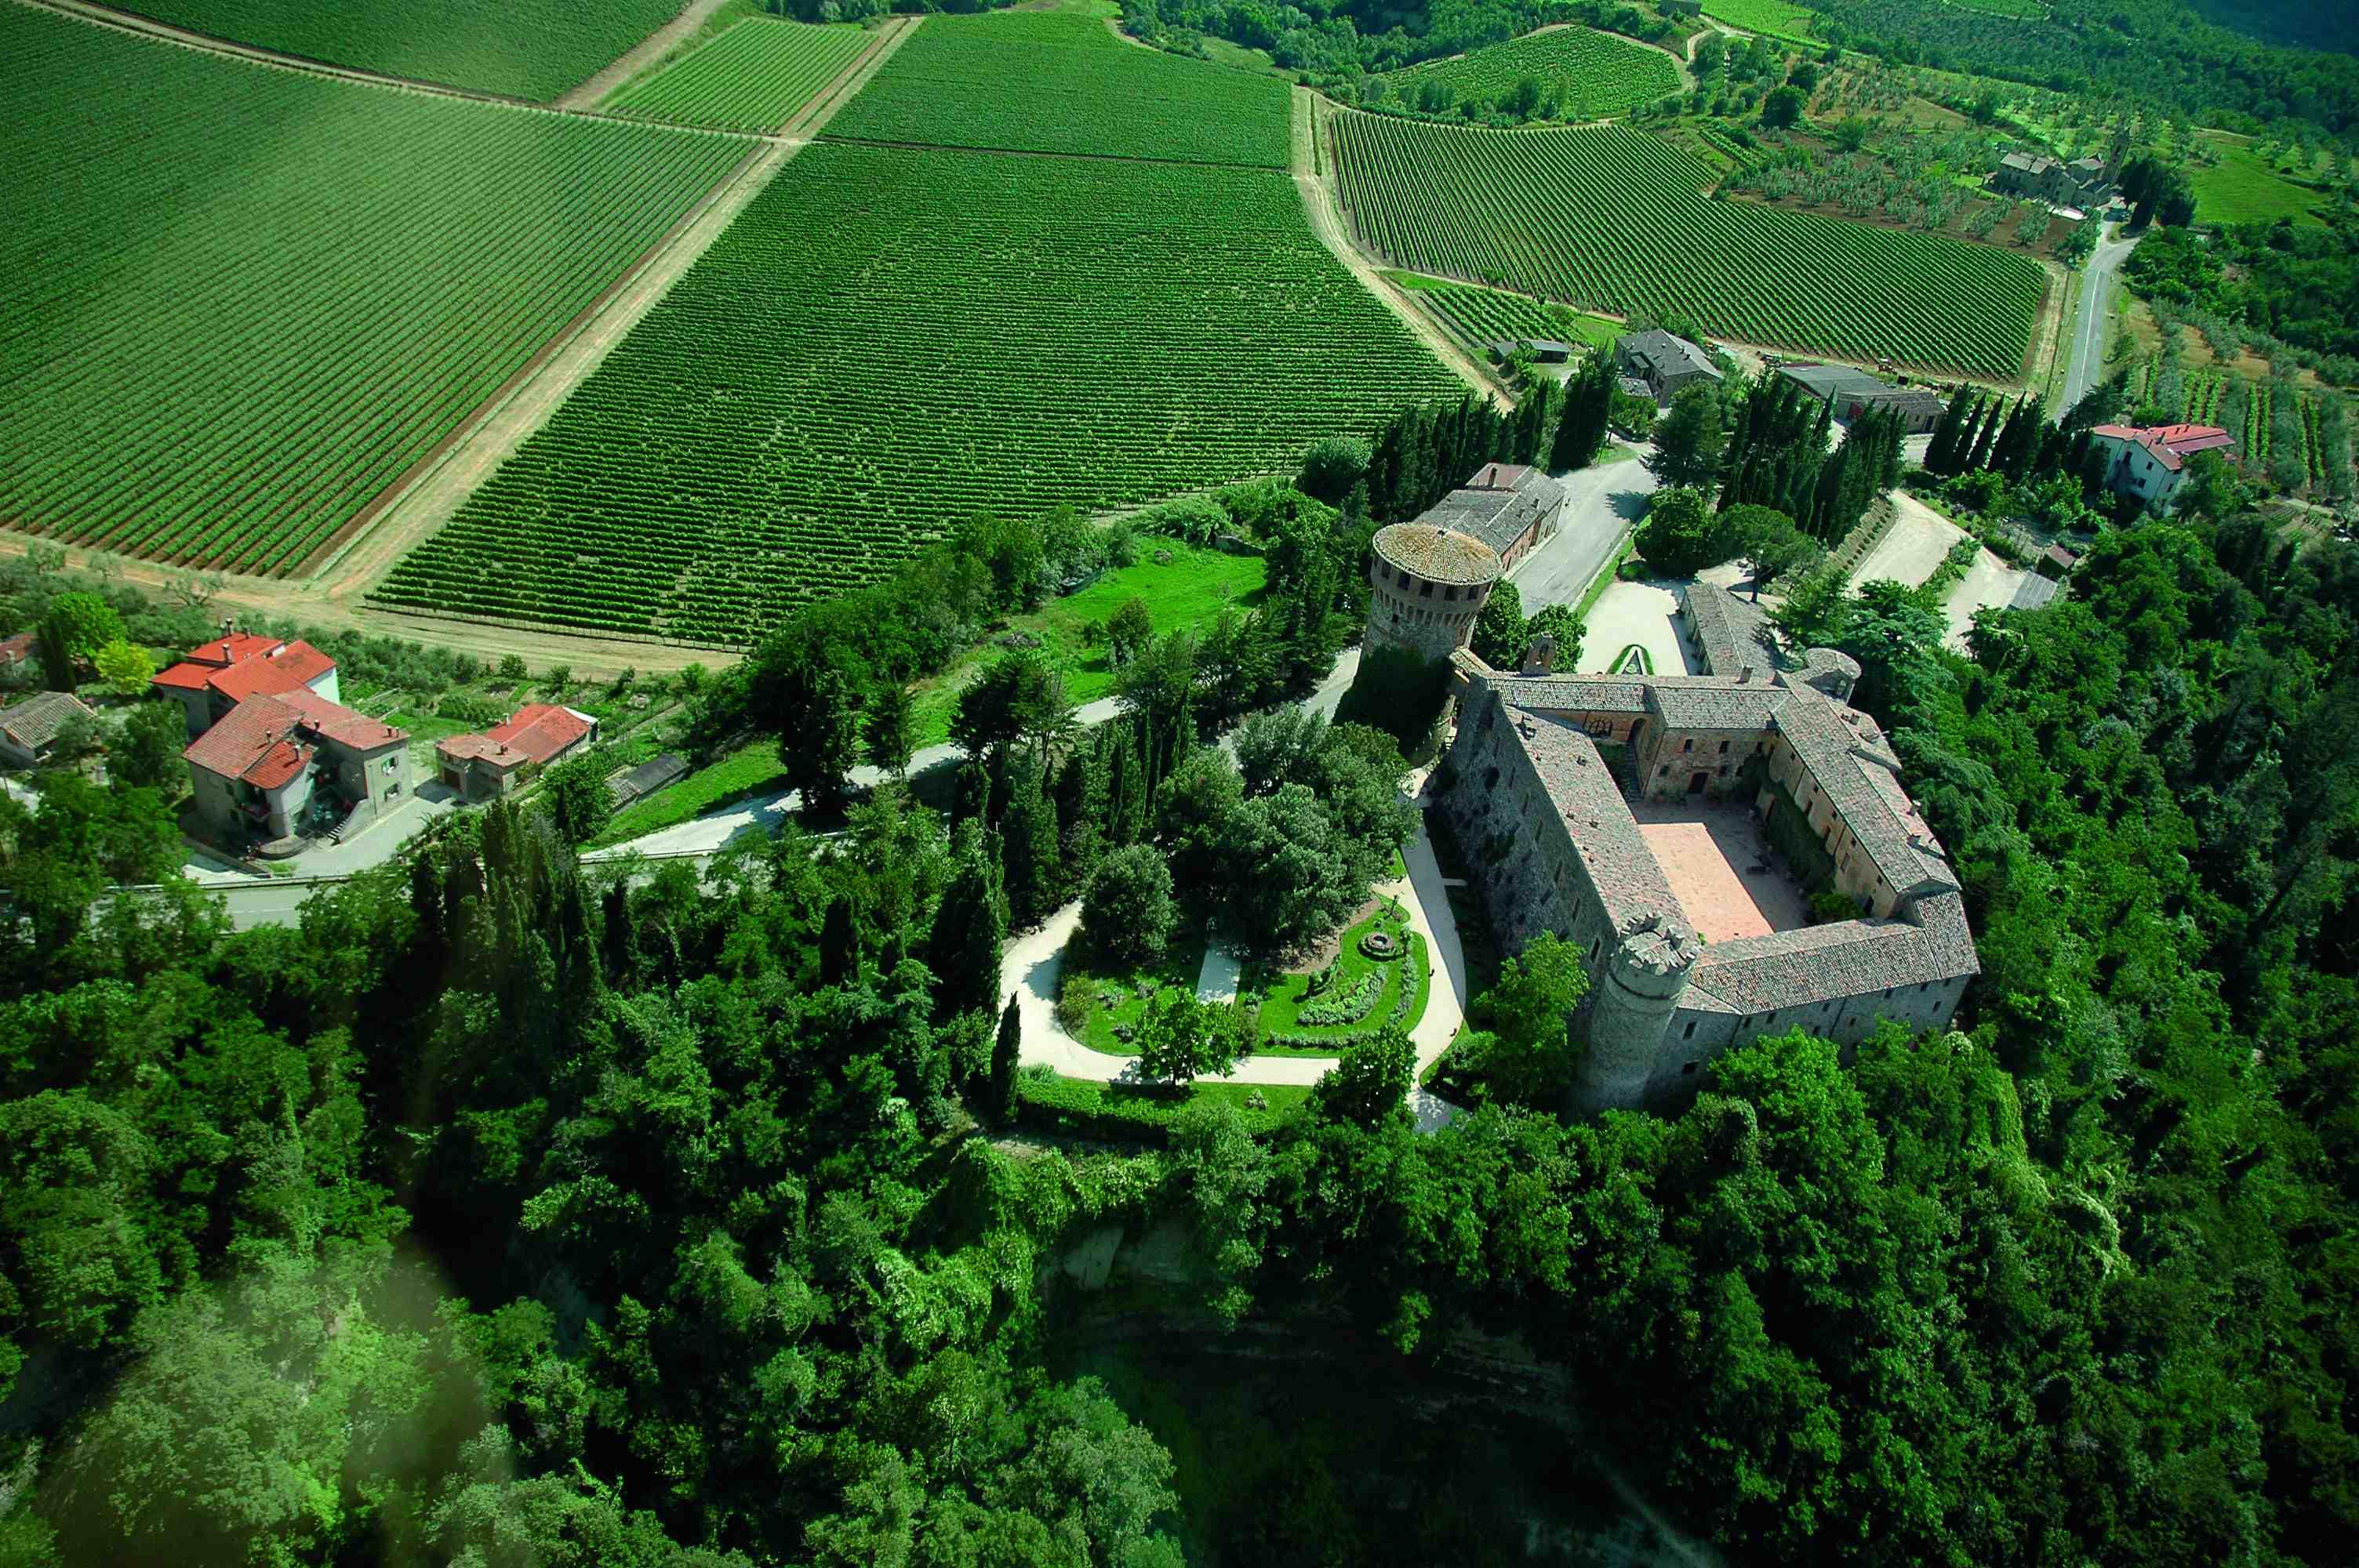 castello-della-sala